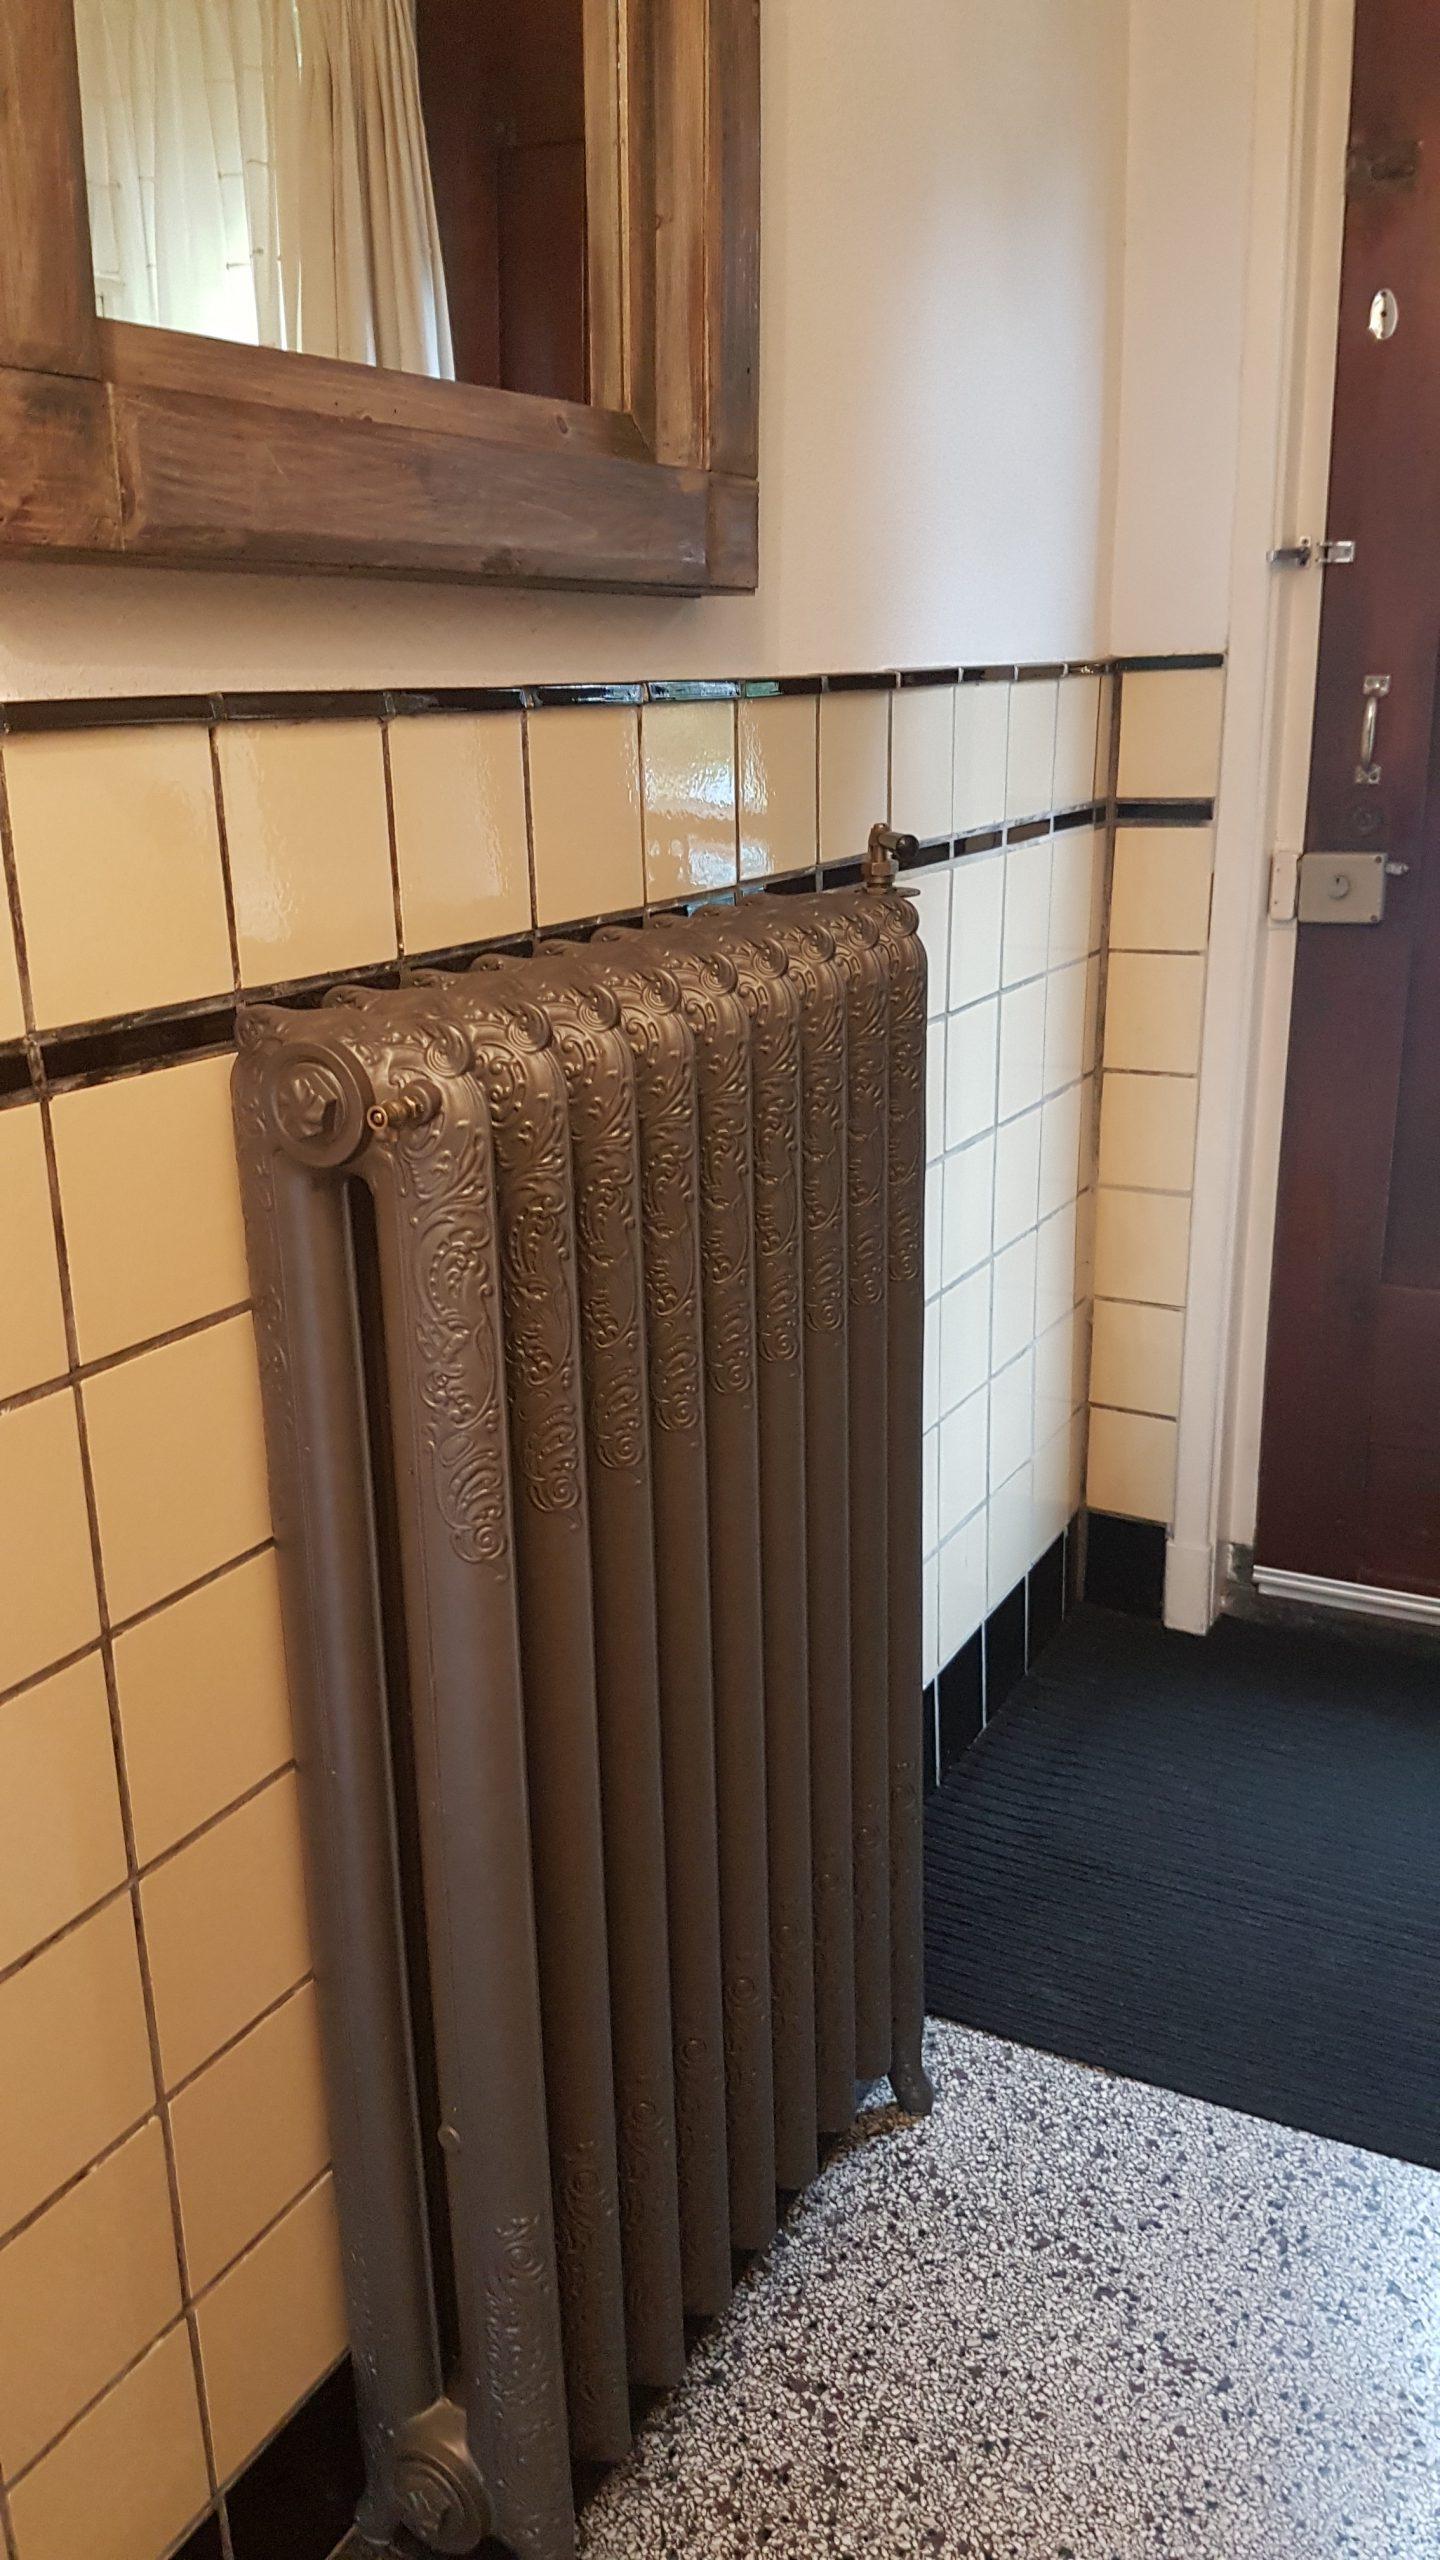 geplaatste gietijzeren radiator 133 a